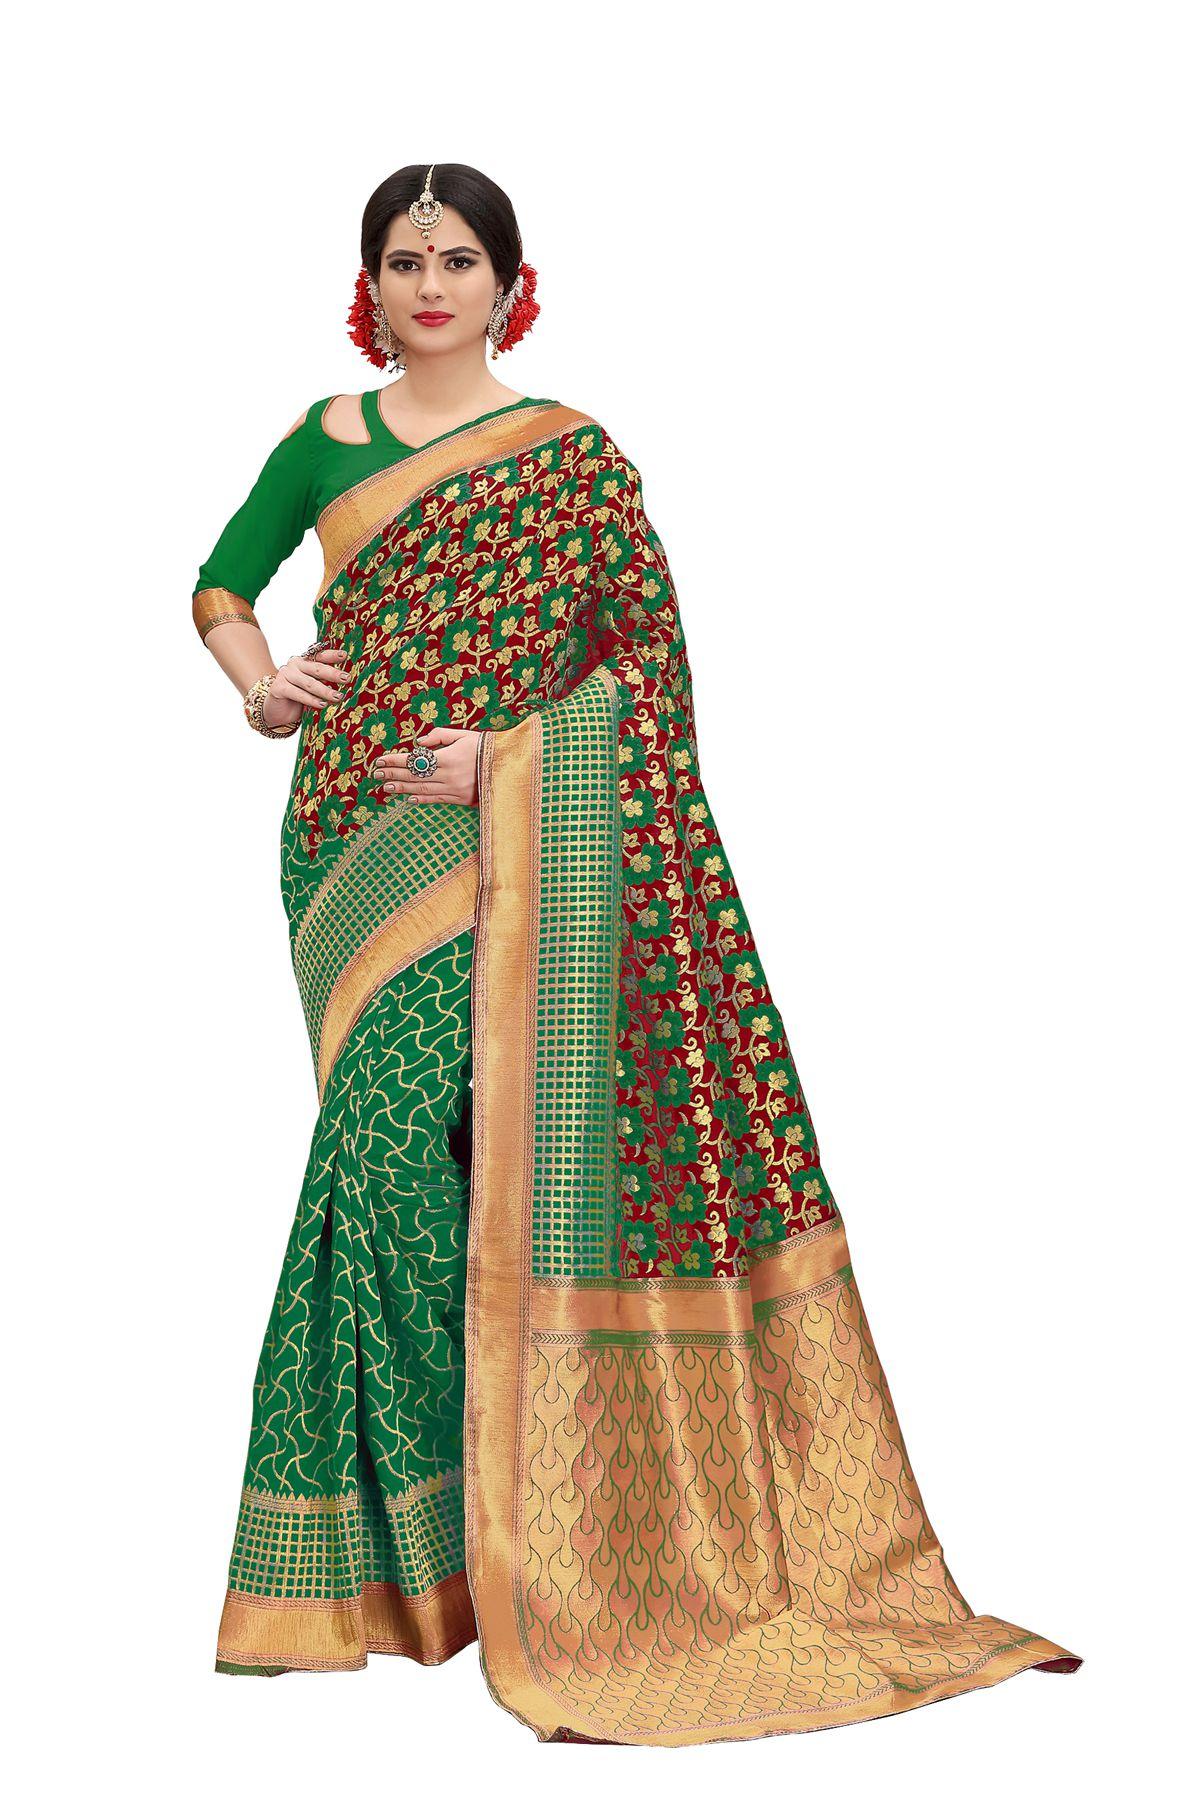 Rekishn Green Banarasi Silk Saree